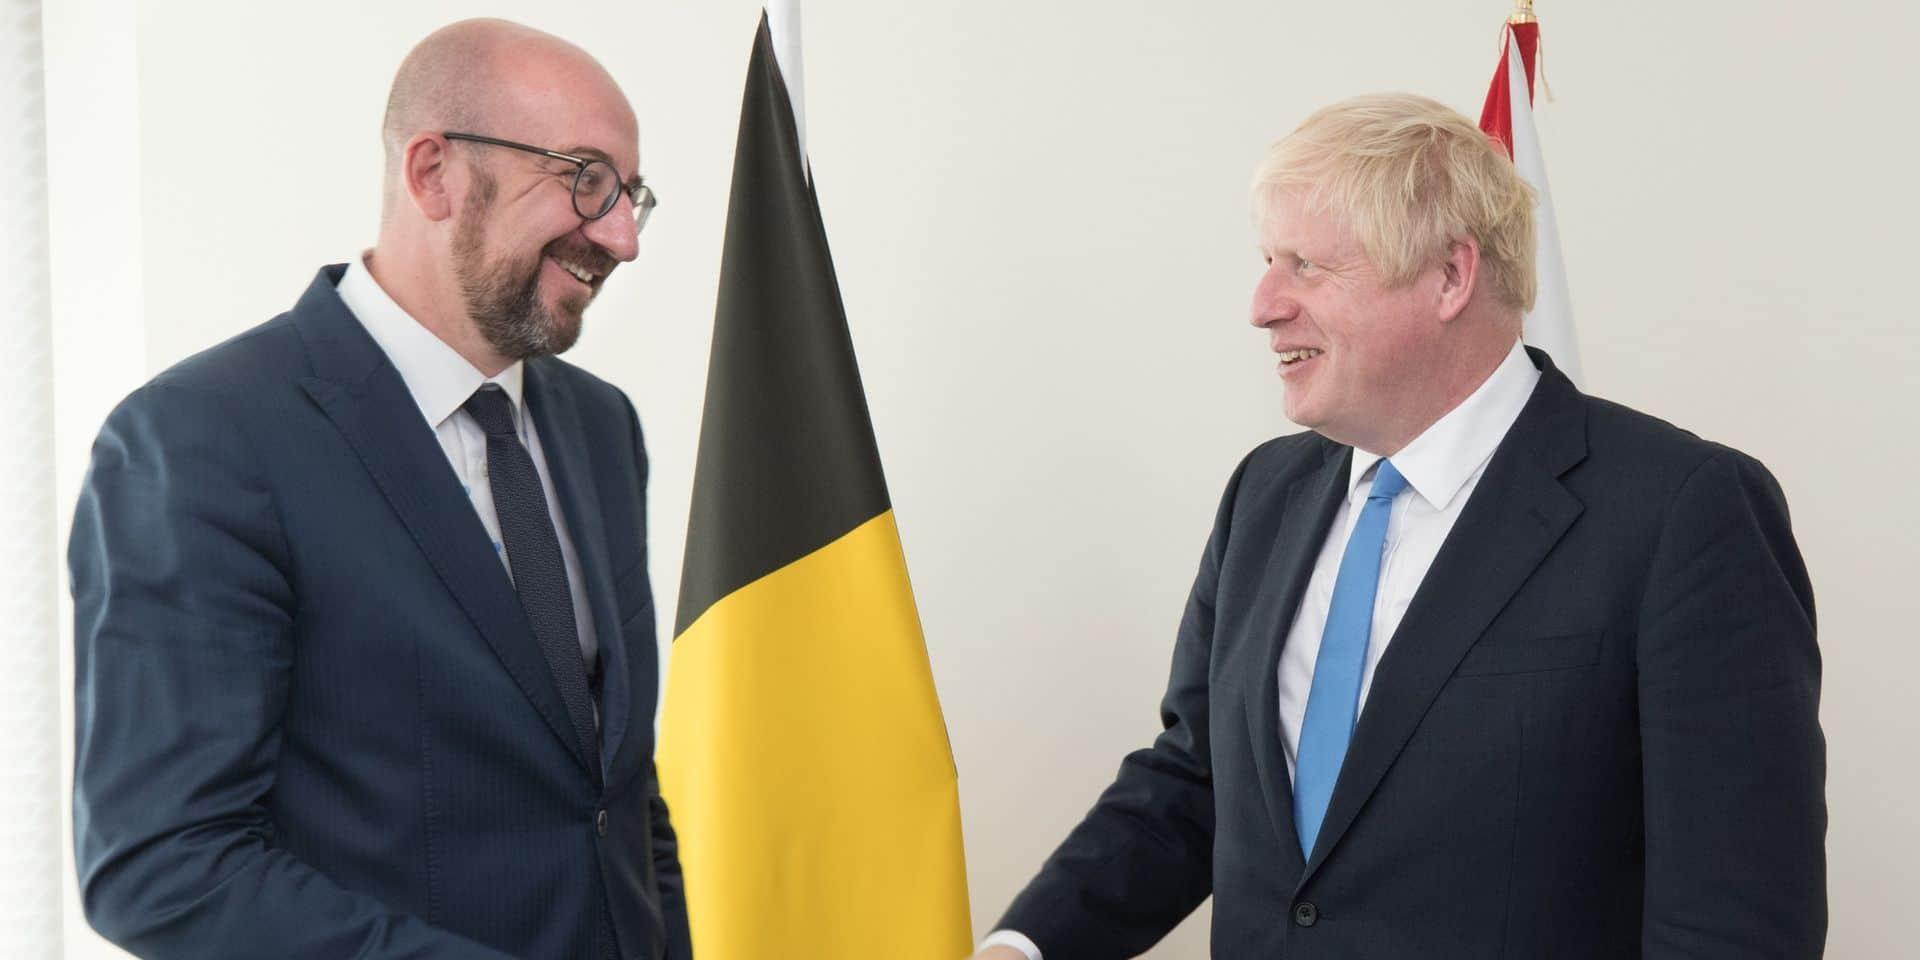 Sommet européen: Charles Michel représentera Boris Johnson au sommet européen